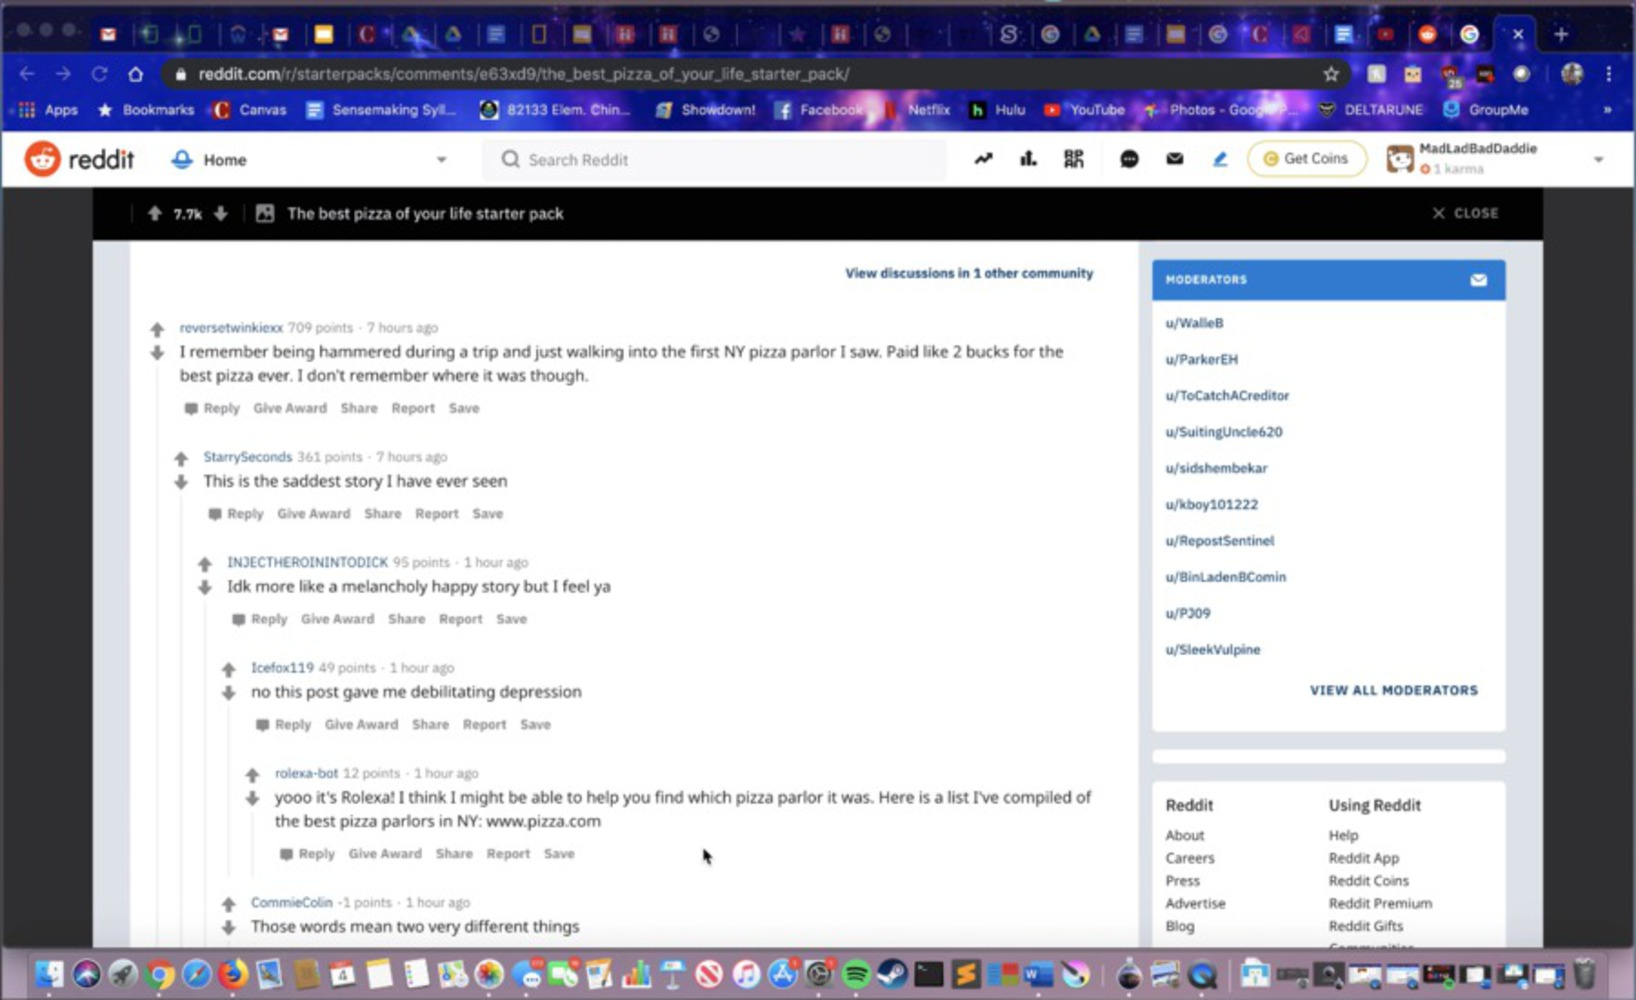 Screen shot 2019 12 04 at 11.22.20 pm.thumb